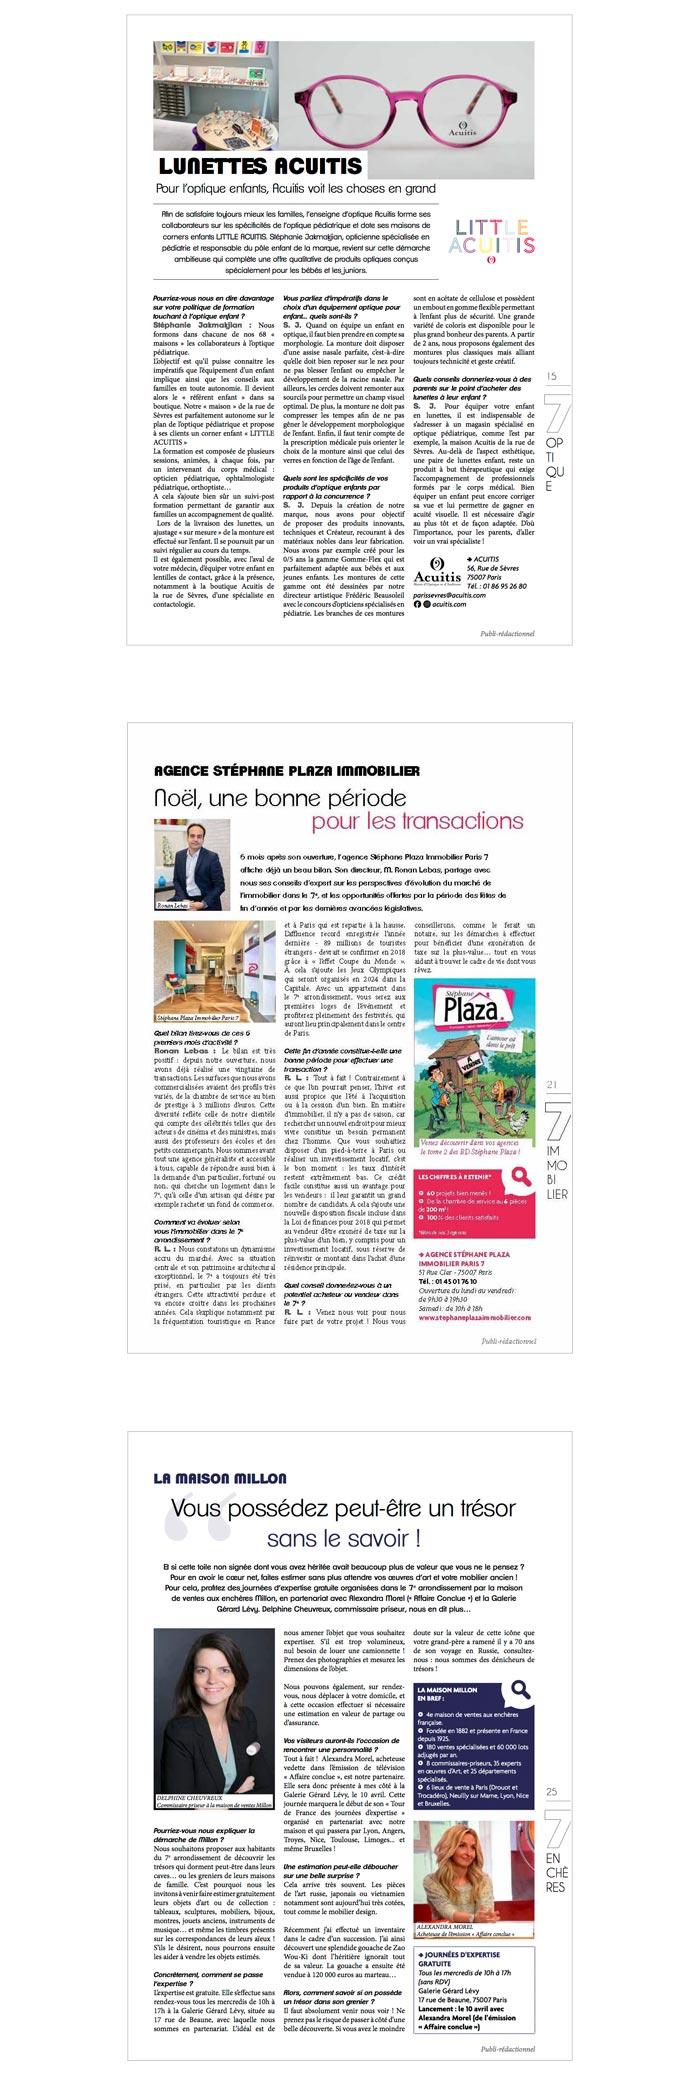 publi-rédaction pour un journal d'arrondissement